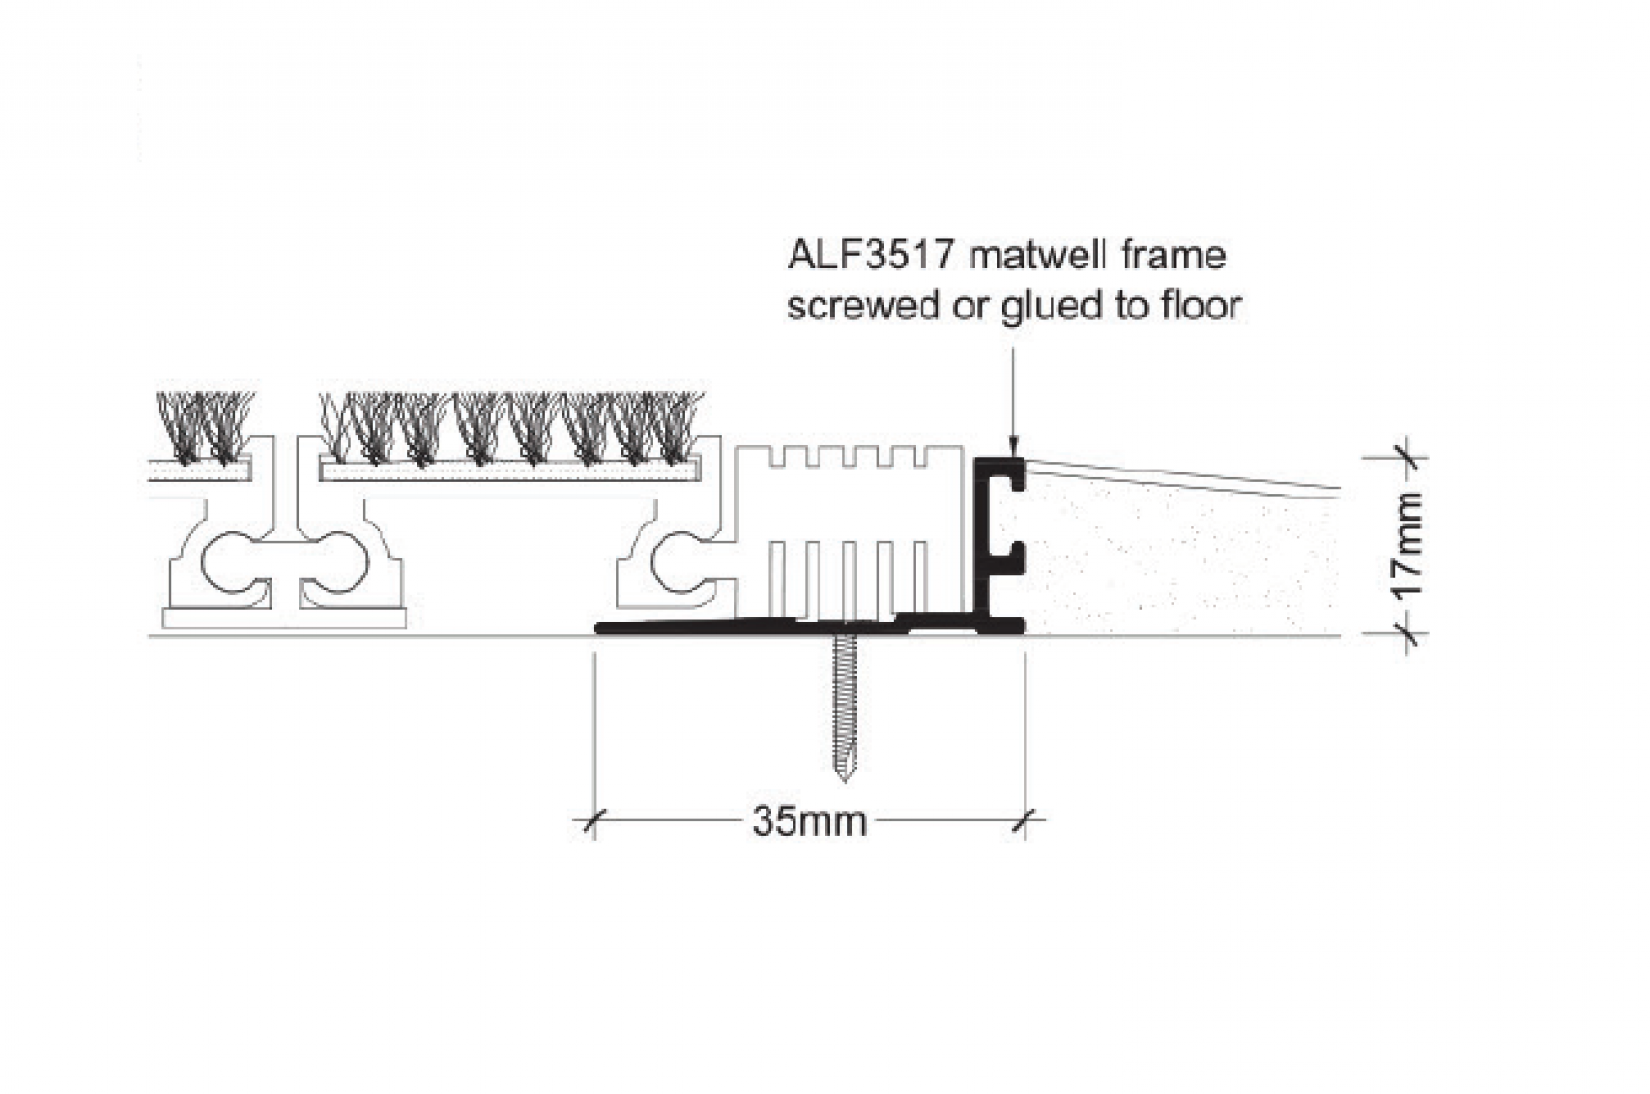 ALF3517